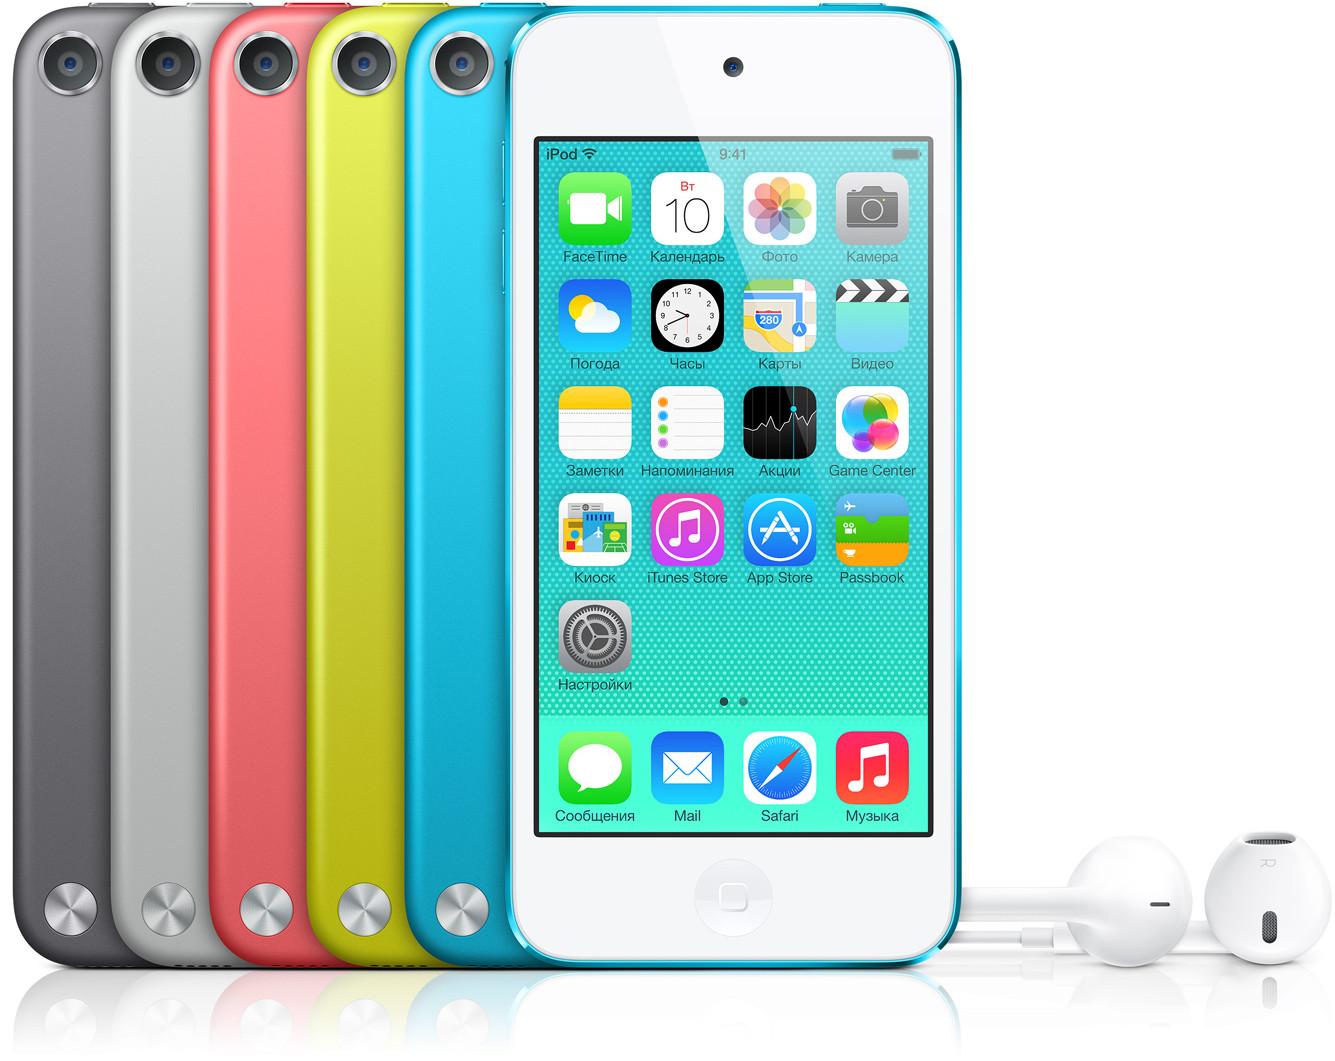 Заказать или купить Apple iPod Touch 5Gen вы легко можете в Киеве. Да еще и с доставкой.